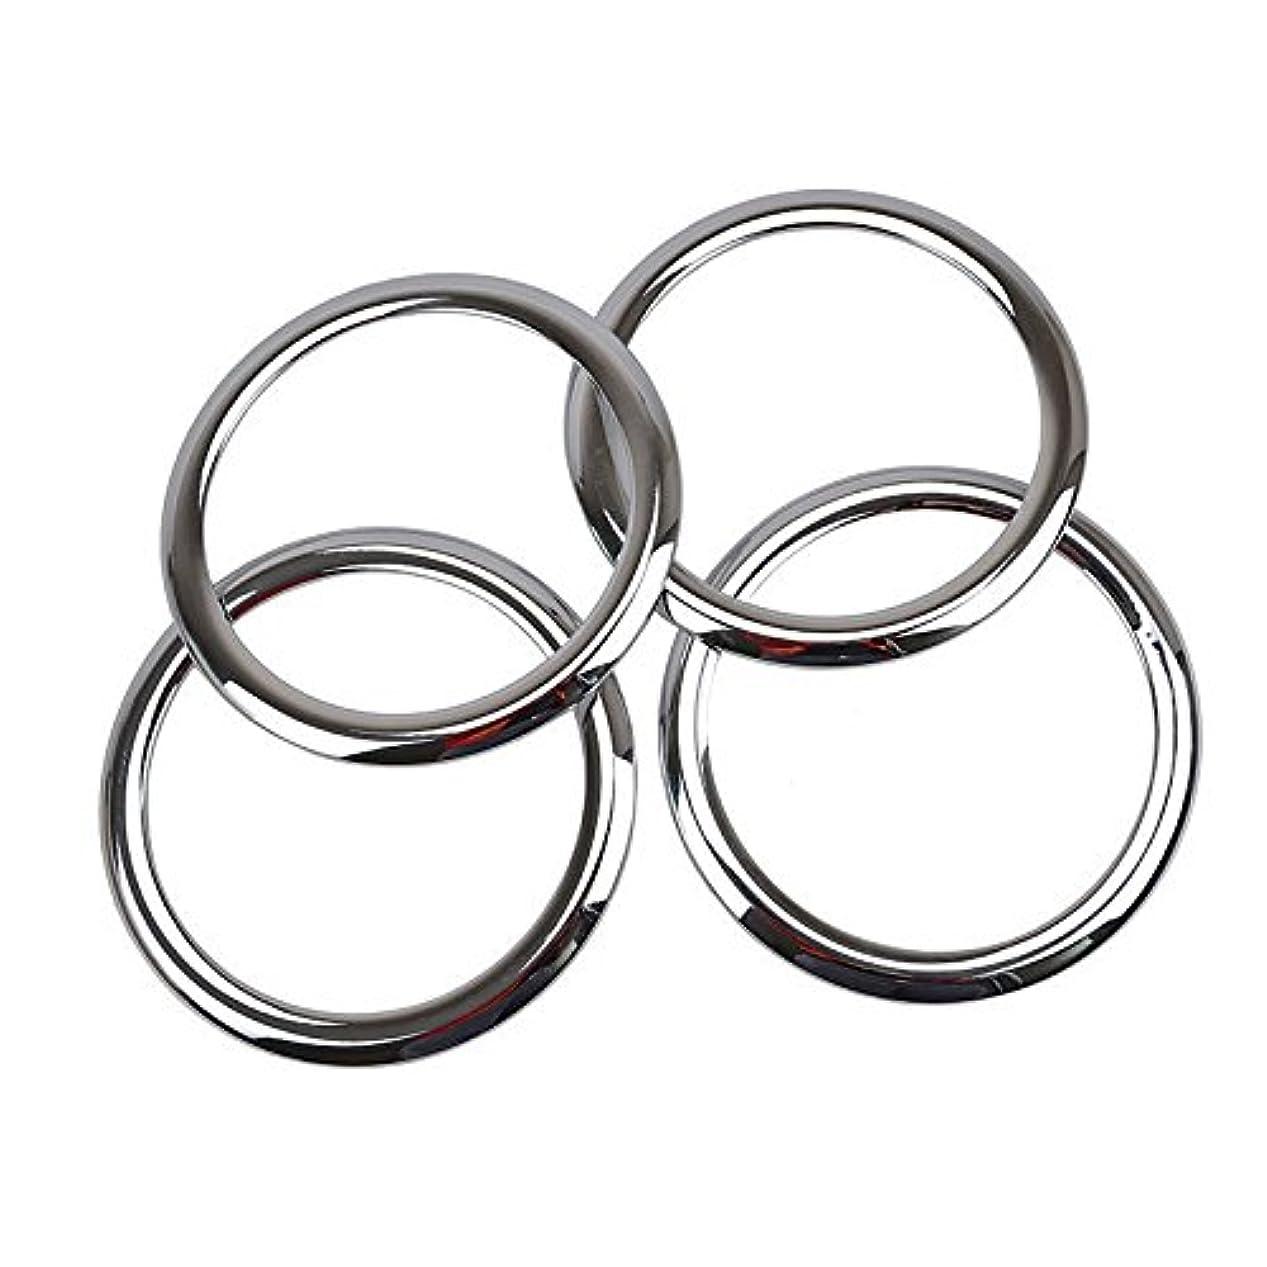 一掃する上級ハミングバードJicorzo - ABS Chrome Car Door Stereo Speaker Collar Cover Trim Bezel Fit For 2007-2015 Patriot Compass Car Interior...